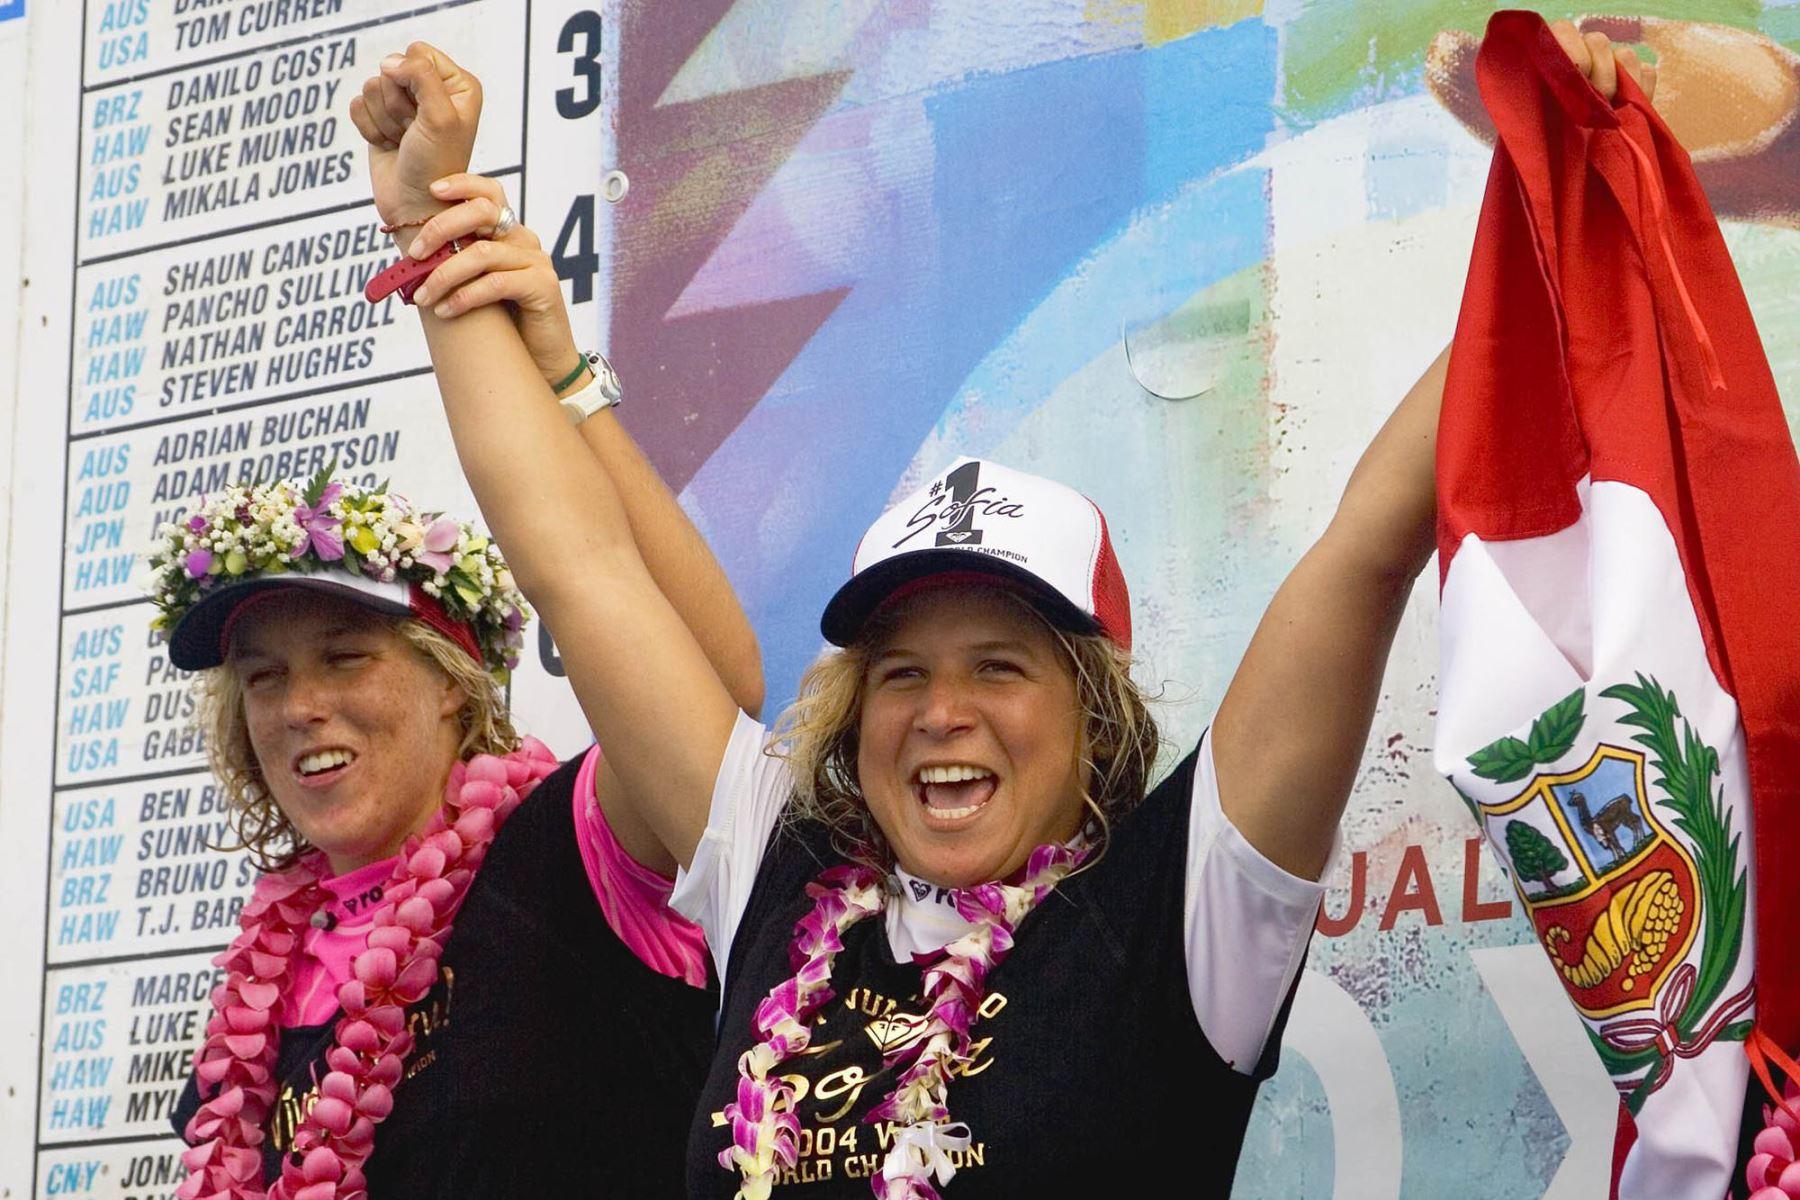 Sofía Mulanovich, celebra su victoria después de reclamar su primer título de campeonato mundial en Haleiwa, Hawai el 20 de noviembre de 2004. Foto: AFP